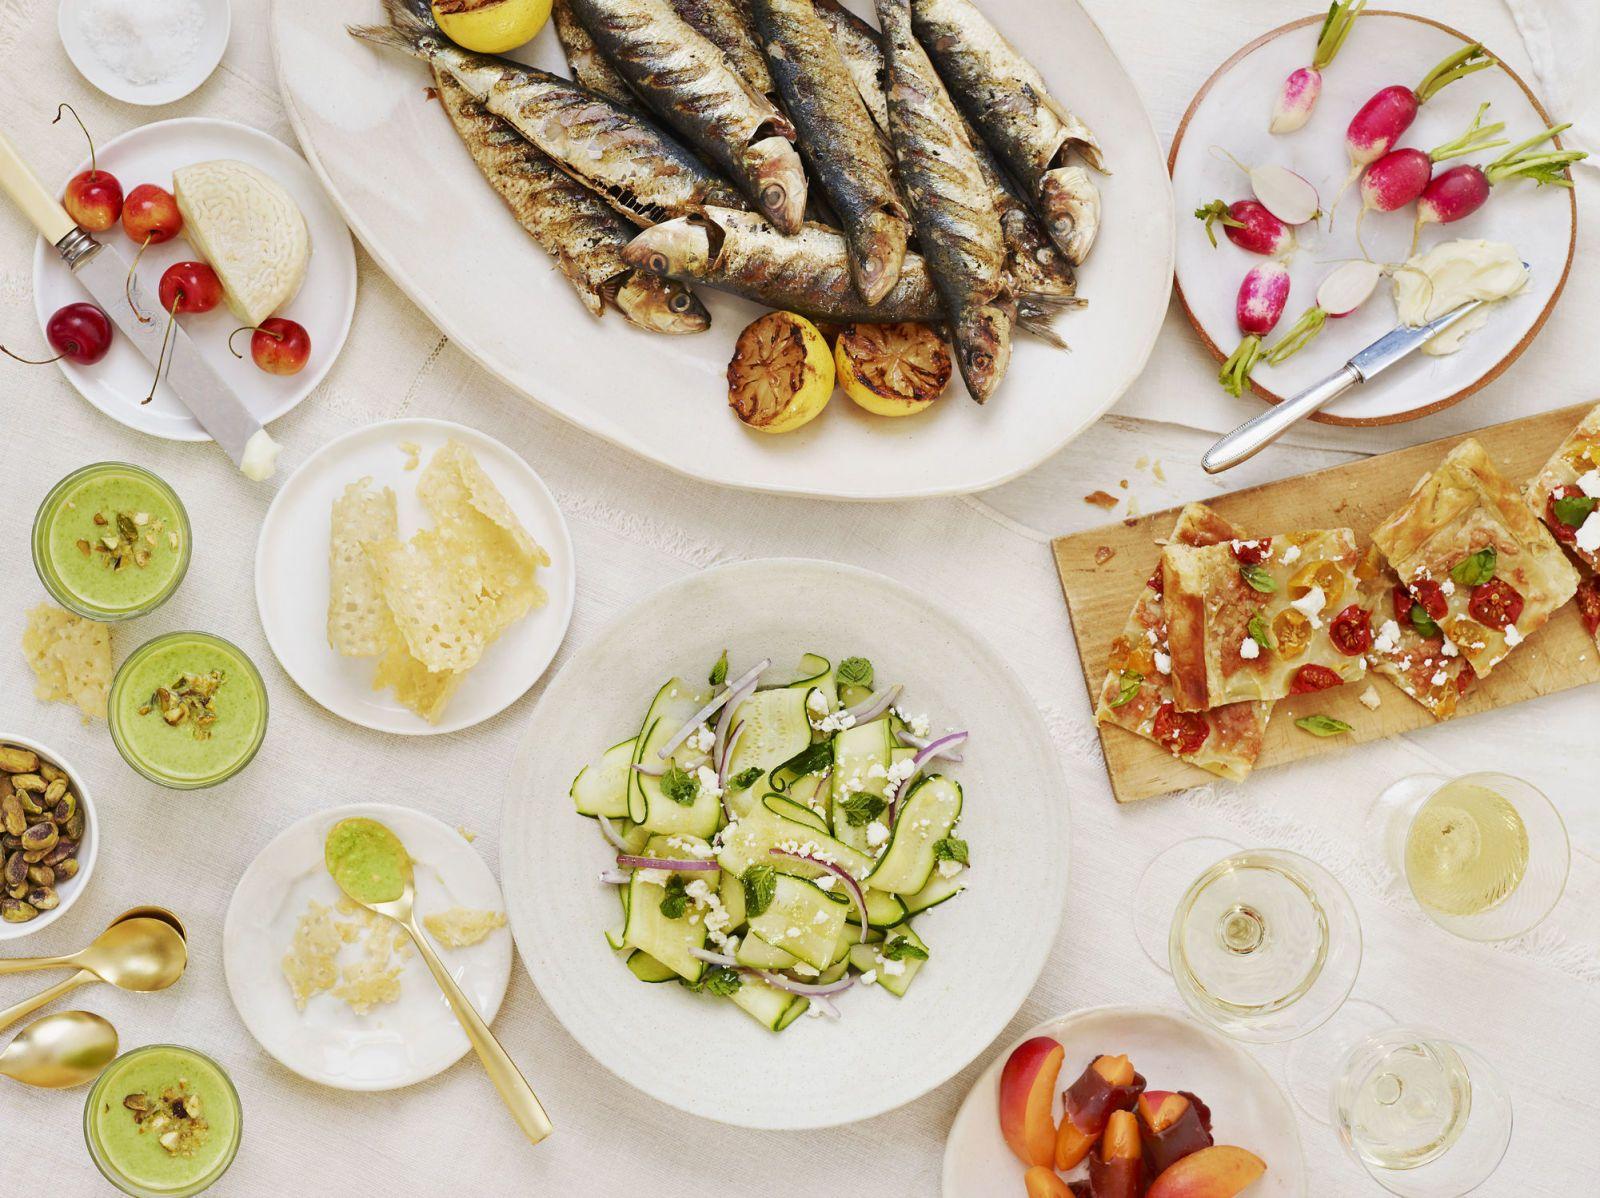 Dieta Settimanale Per Dimagrire Pancia E Fianchi : Che cosa mangiare a pranzo il menu per dimagrire